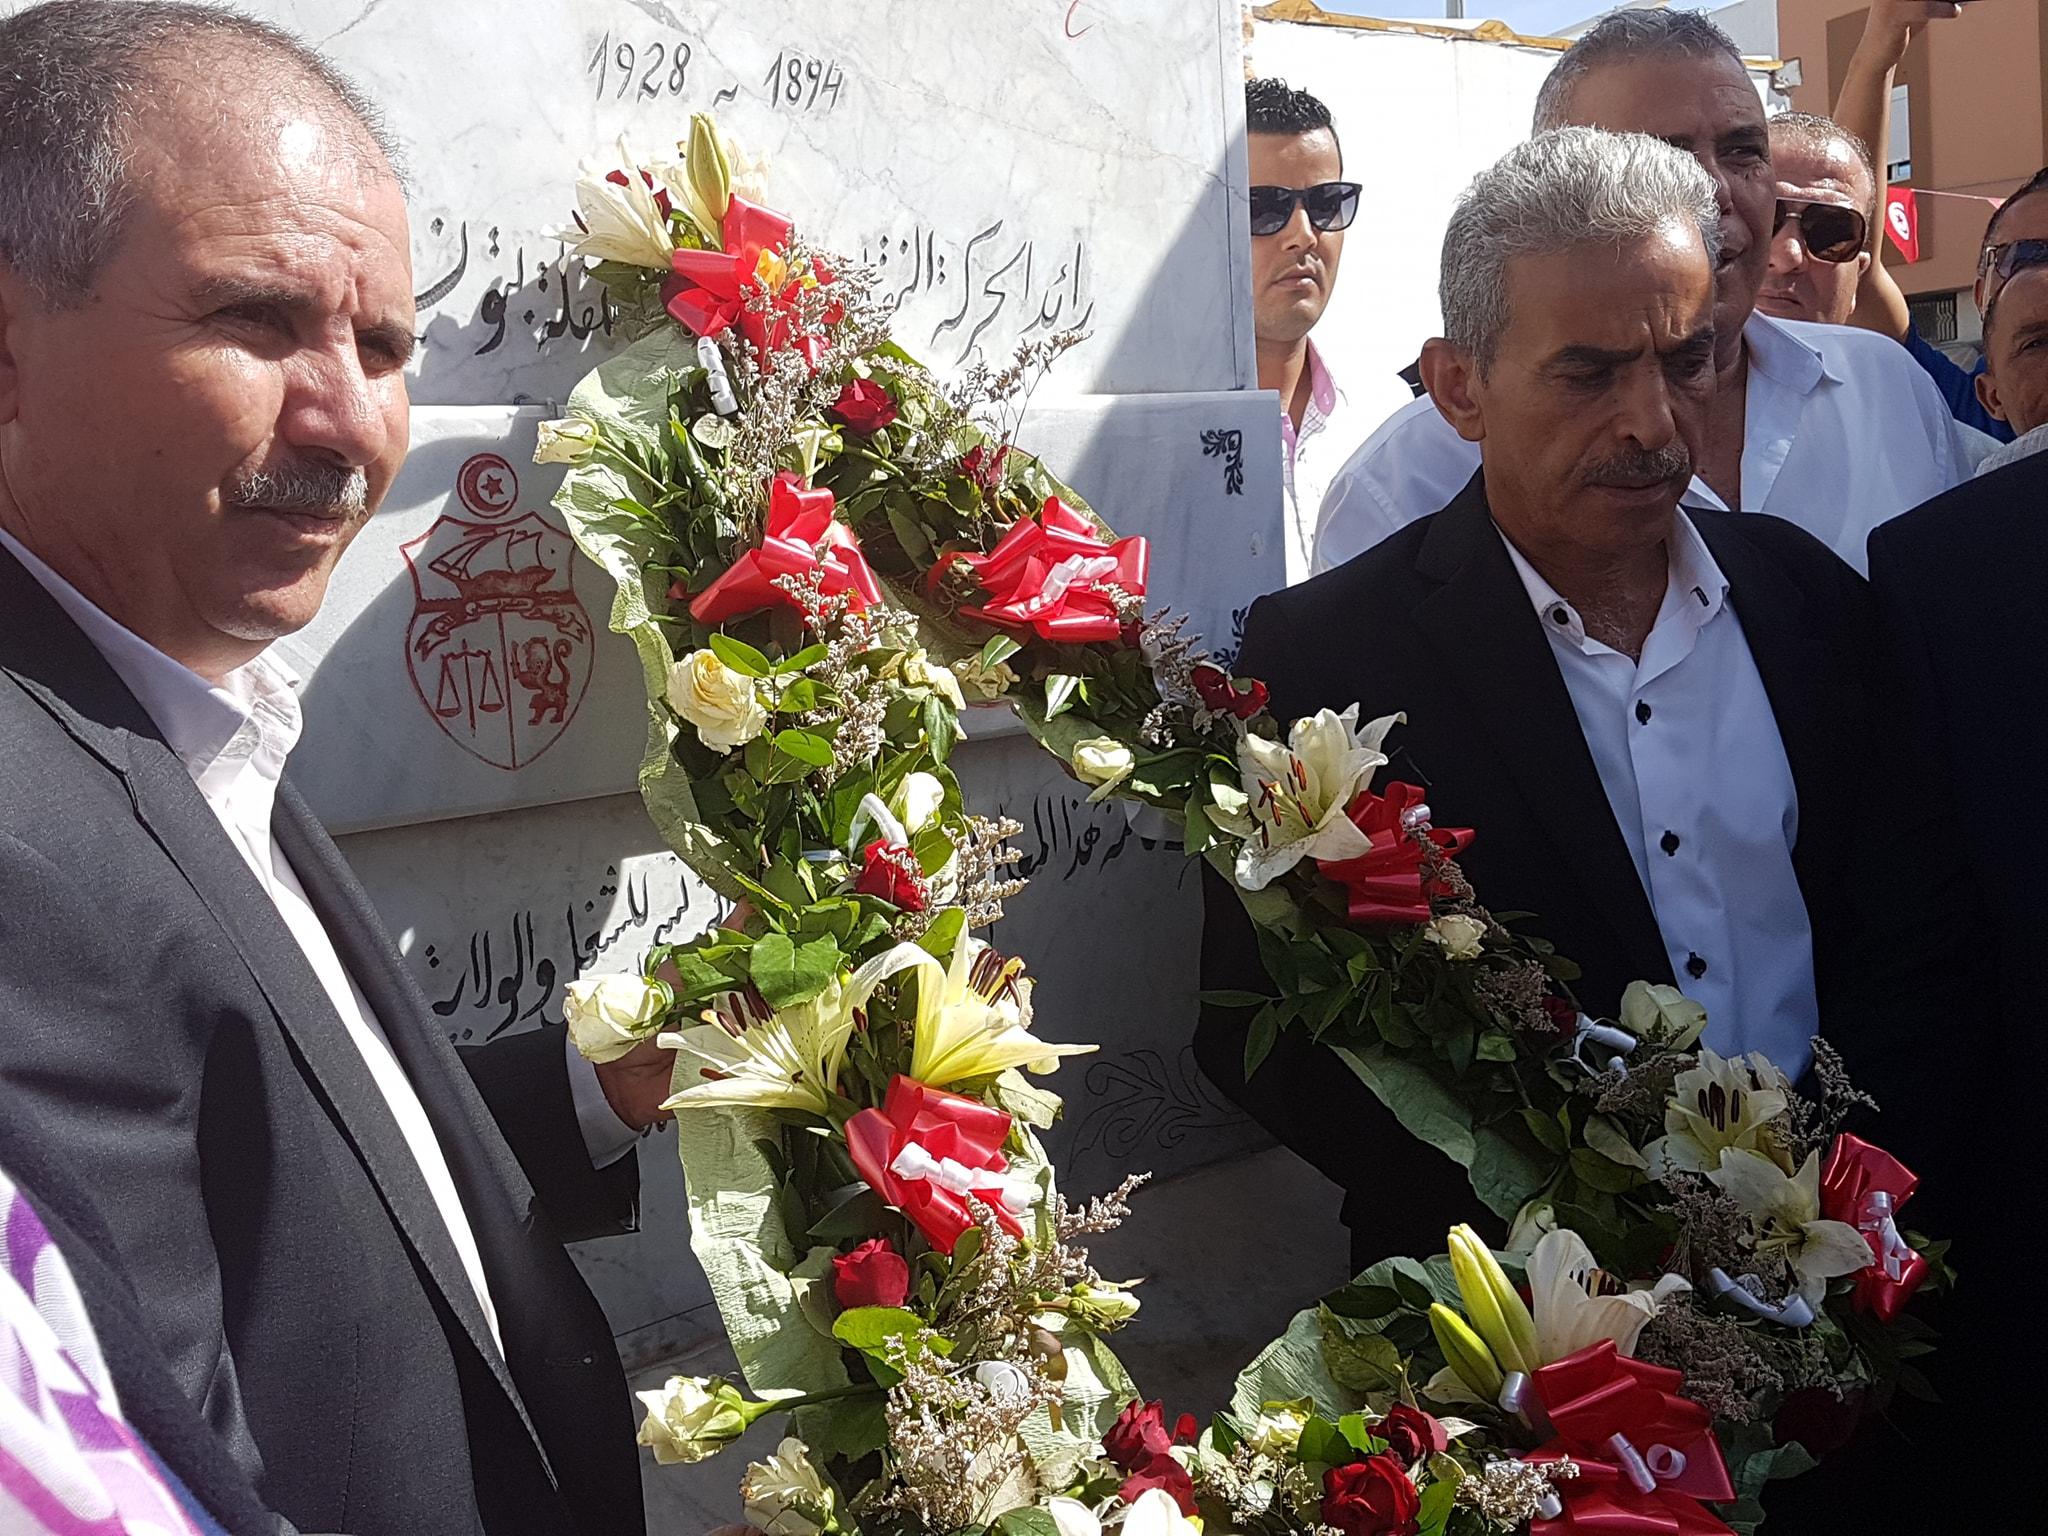 فيديو/ اتحاد الشغل يحيي الذّكرى 90 لرحيل محمد علي الحامّي